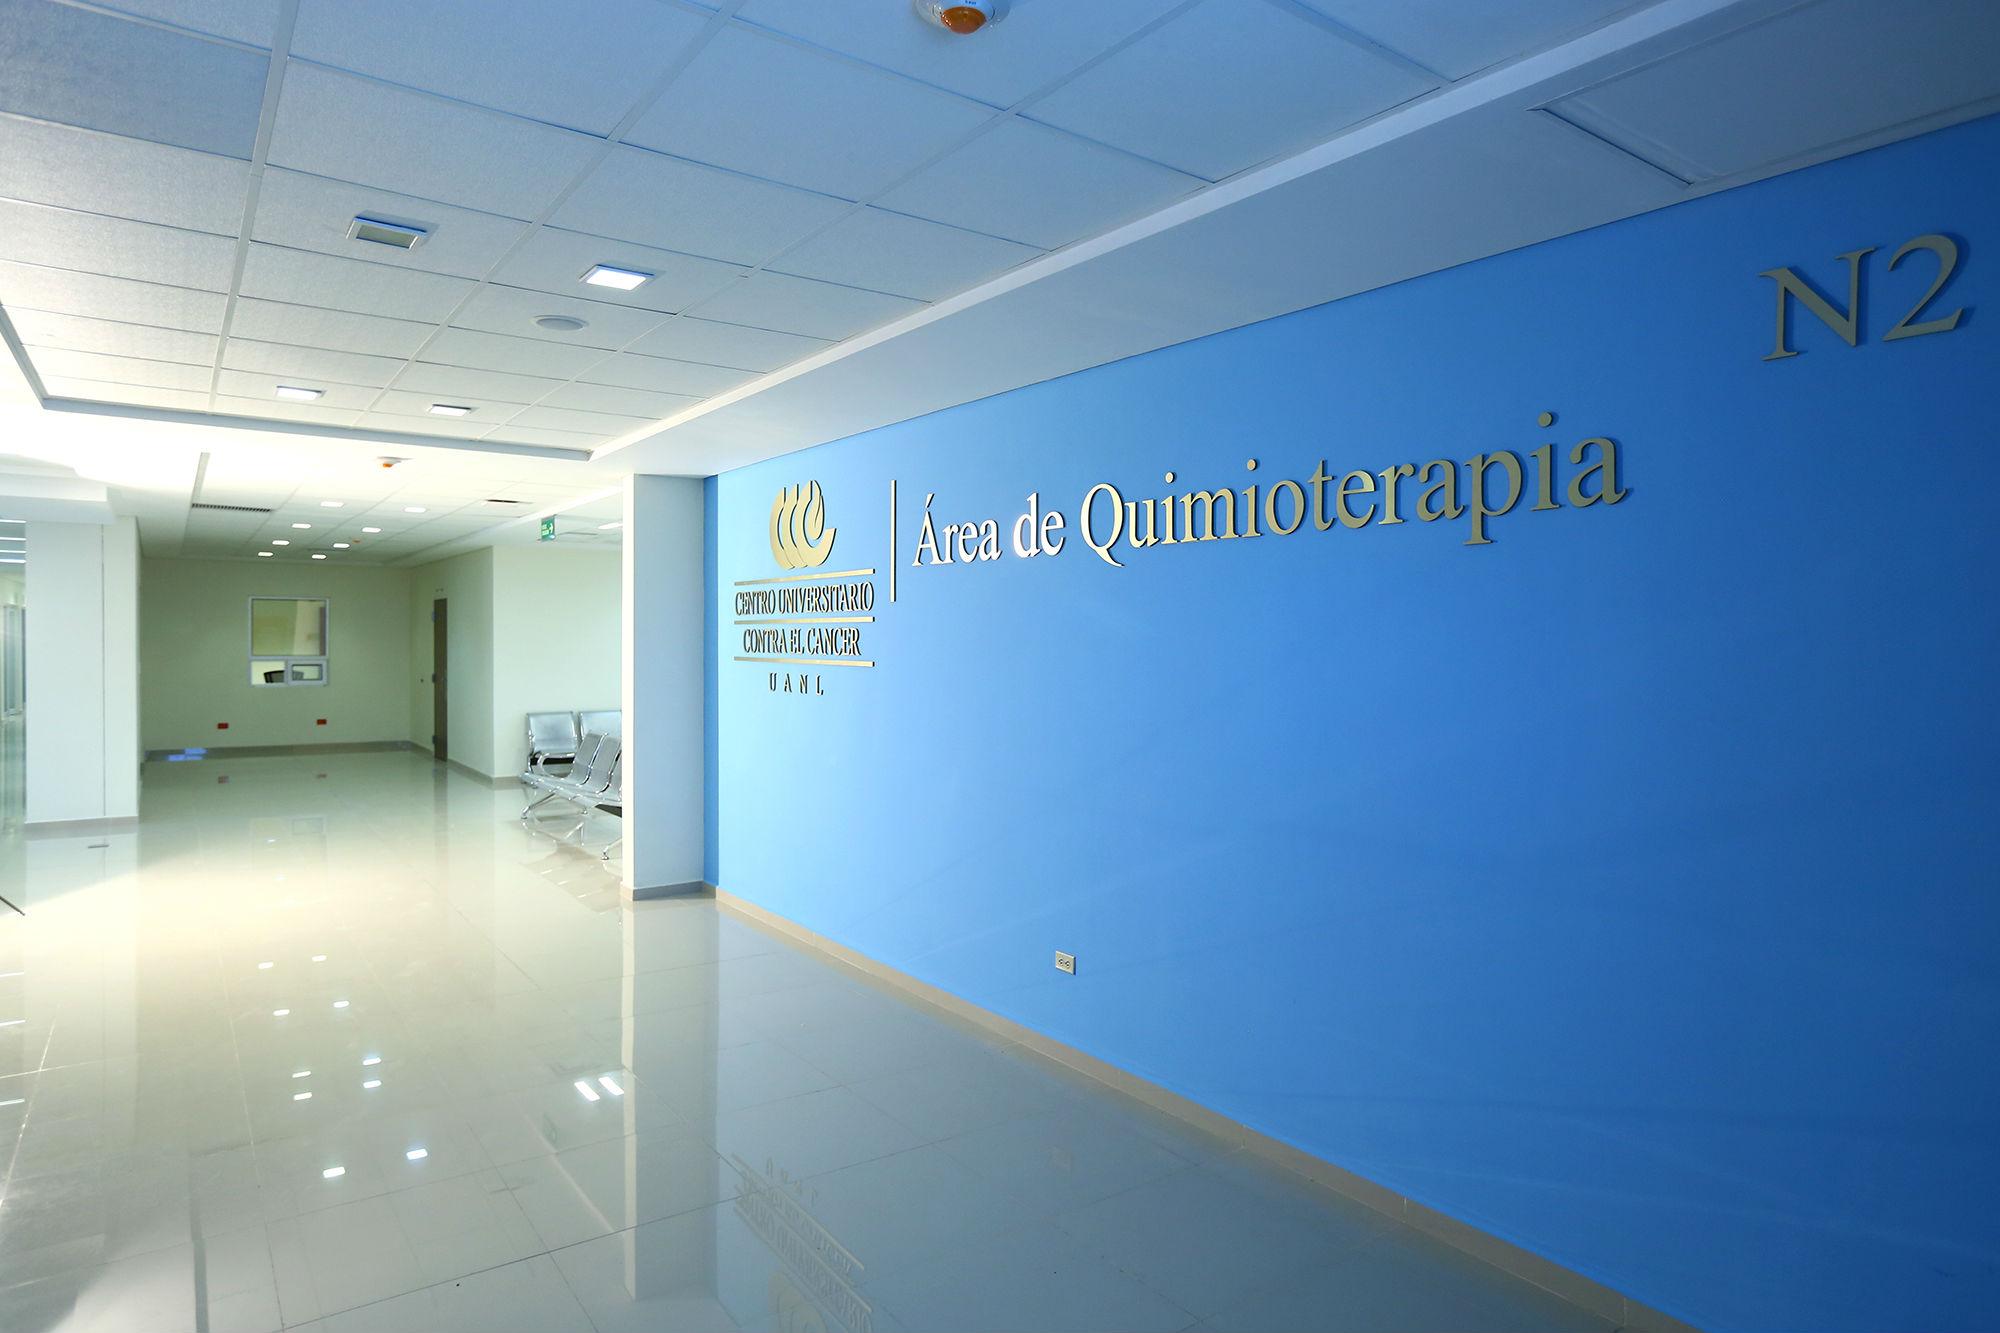 El Centro cuenta con cuatro niveles para la atención, consulta y tratamiento de pacientes con cáncer